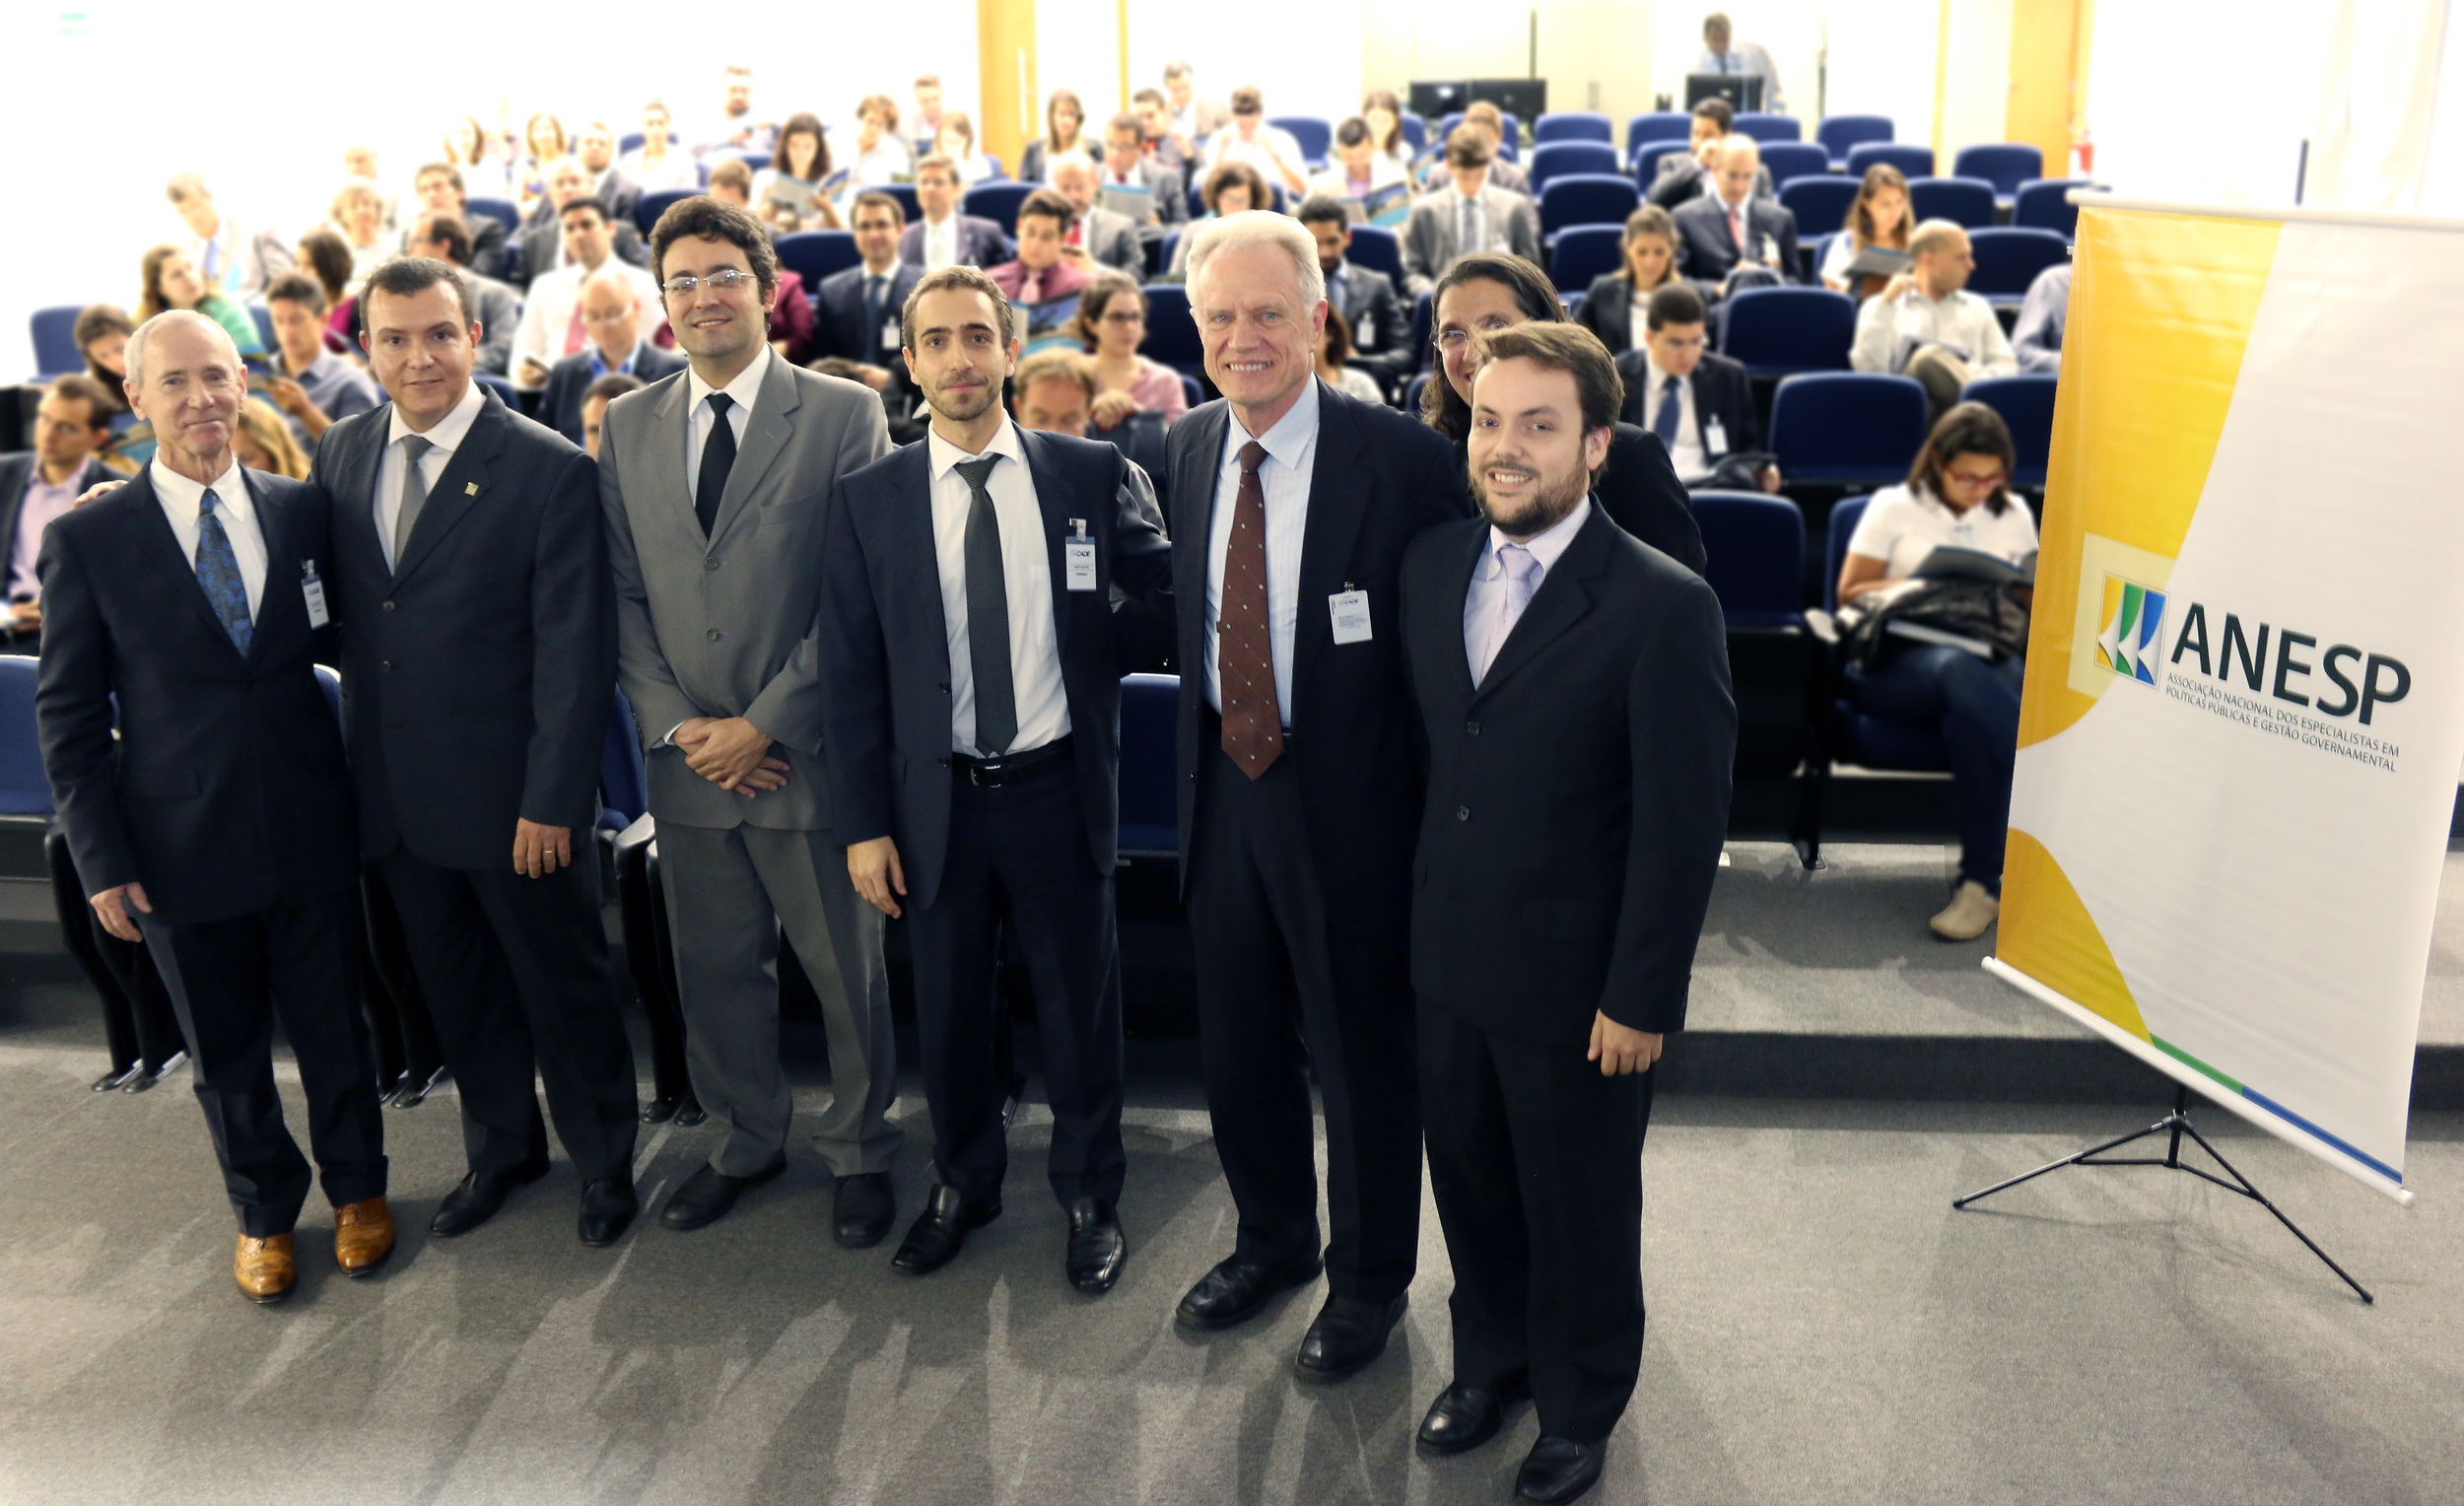 William Eimicke, João Aurélio, Alex Canuto, Matheus Azevedo, Thomas Trebat e Ricardo Ribeiro.